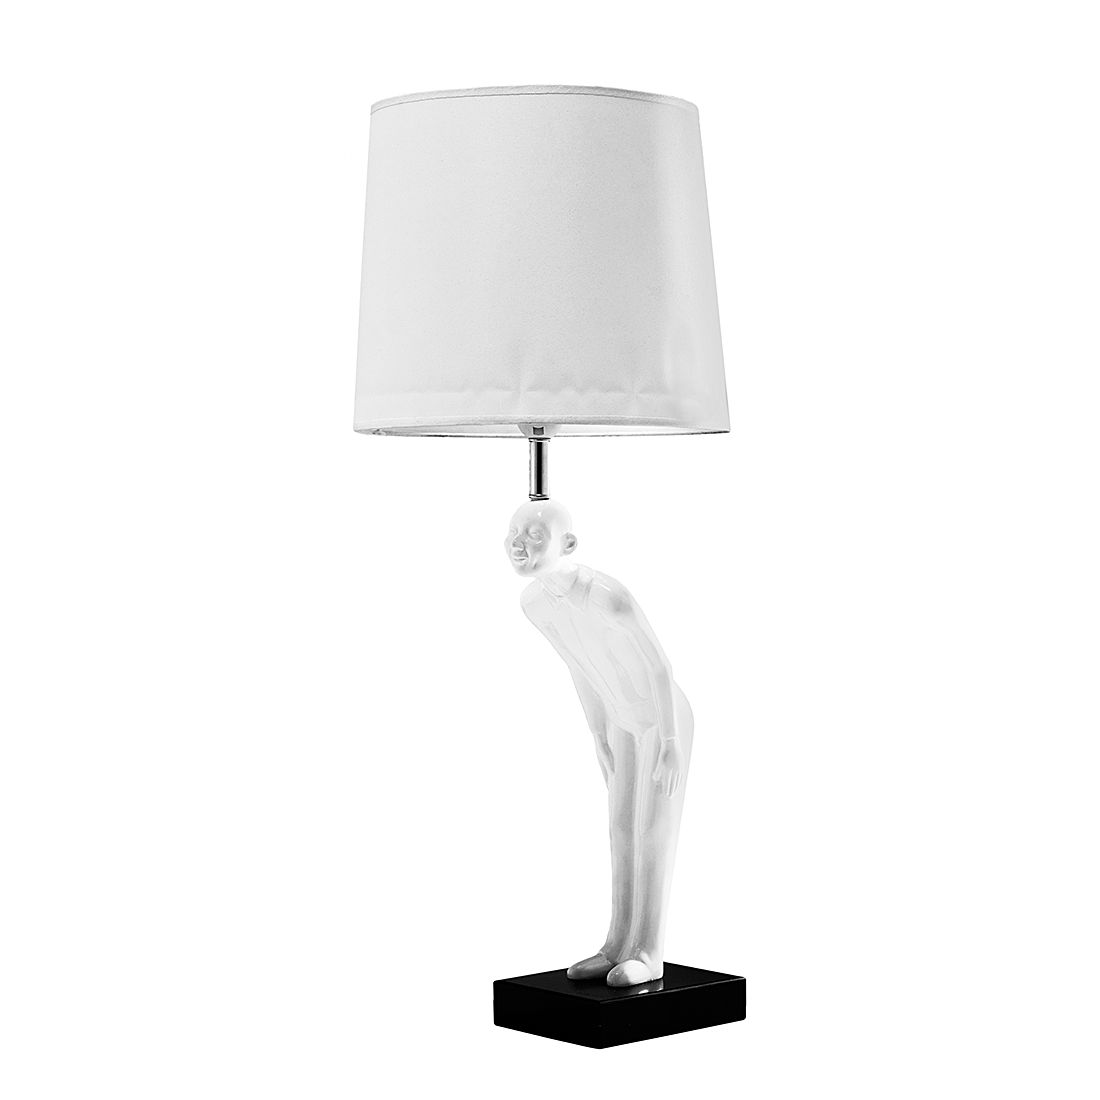 EEK A++, Tischleuchte TL Welcome Guest White – Weiß – 1-flammig, Kare Design kaufen